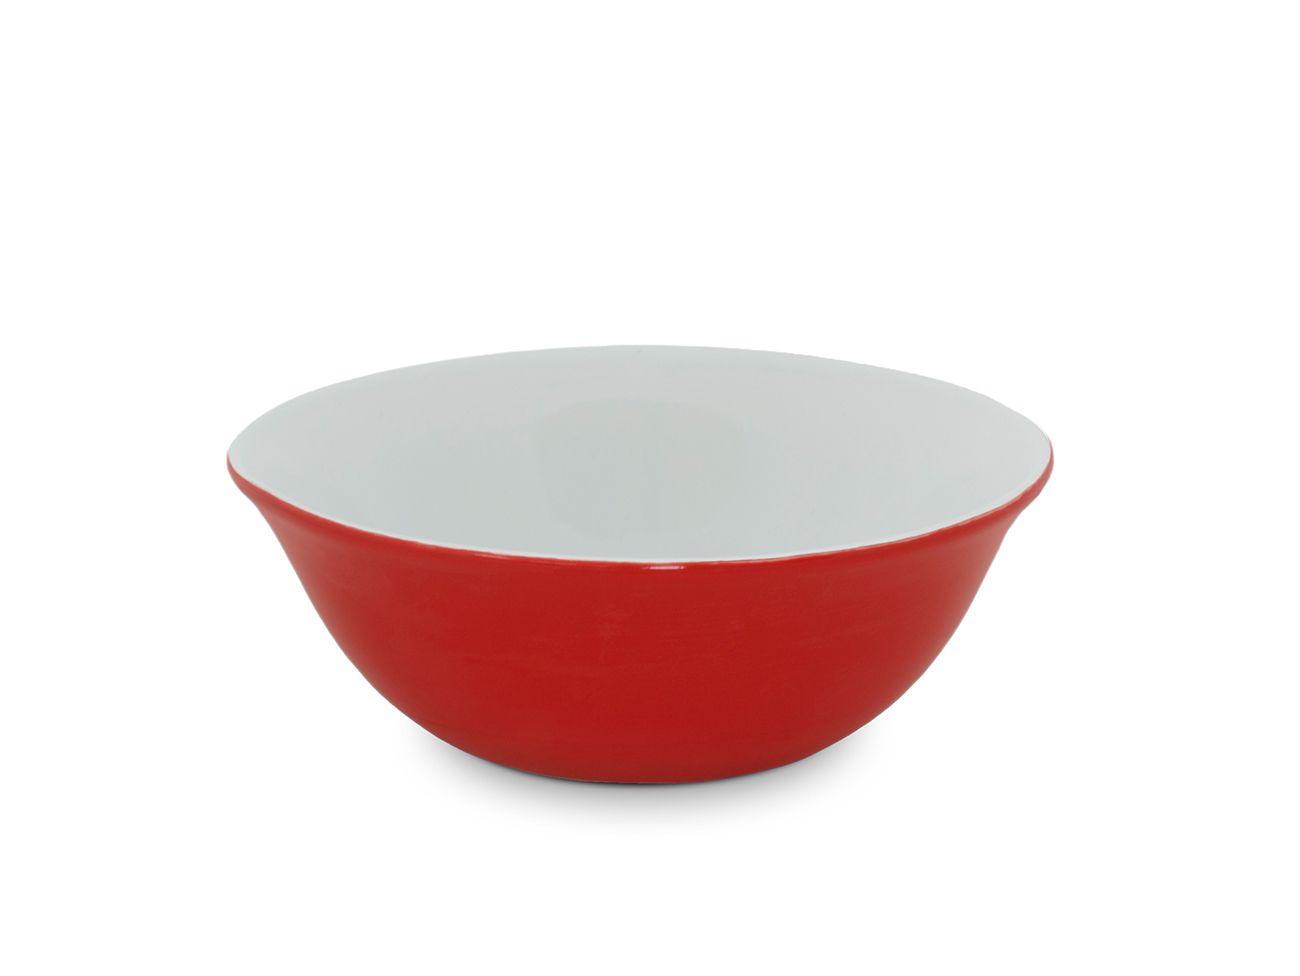 Bowl De Cerâmica Ceraflame 900Ml - Vermelho